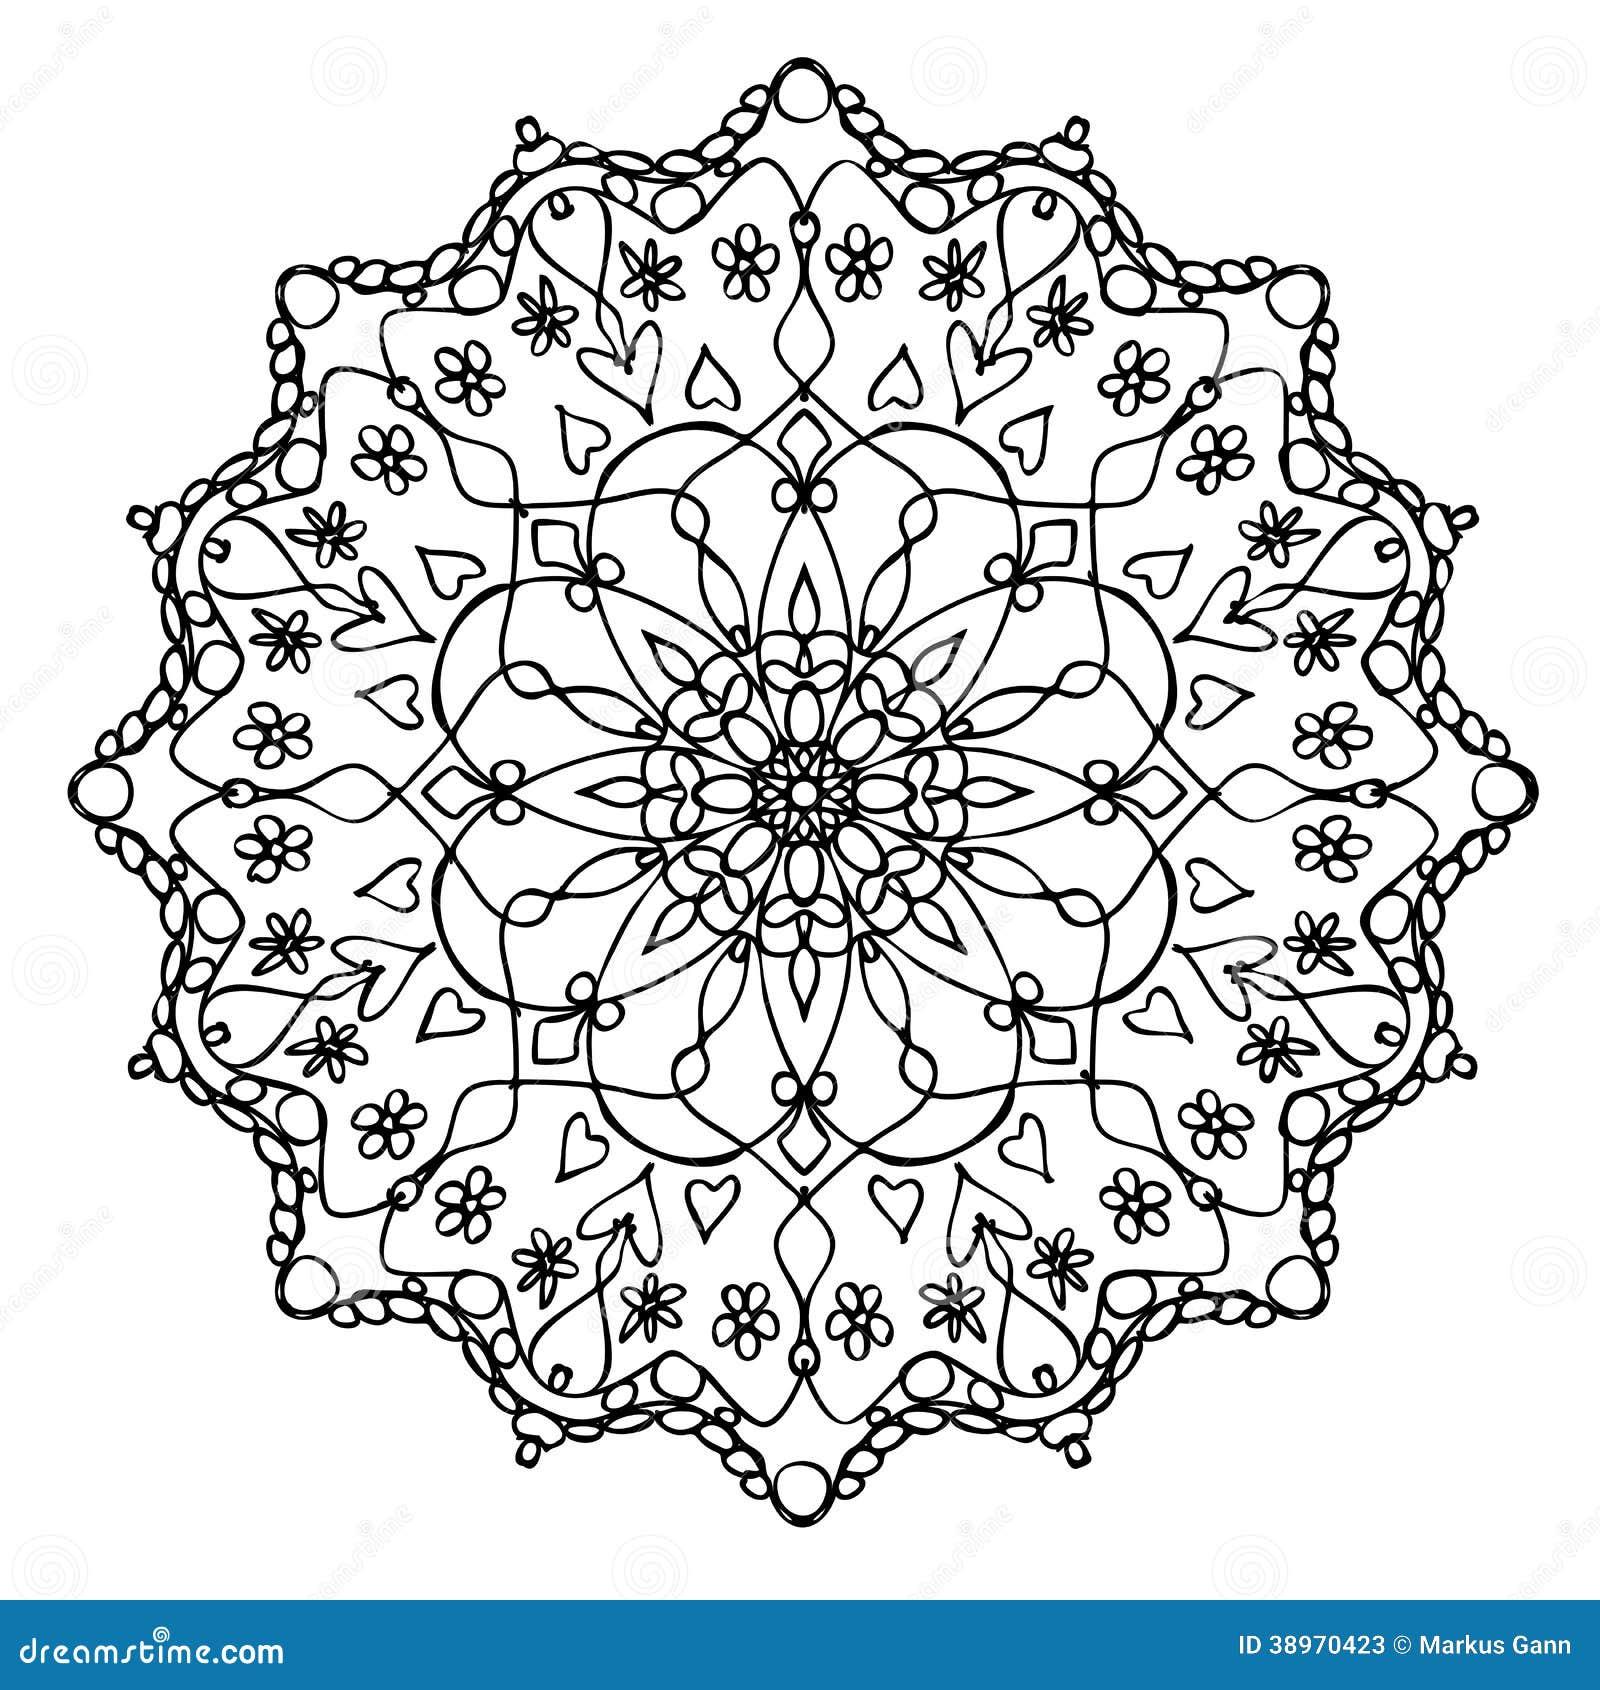 Mandala Black And White Stock Illustration Image Of